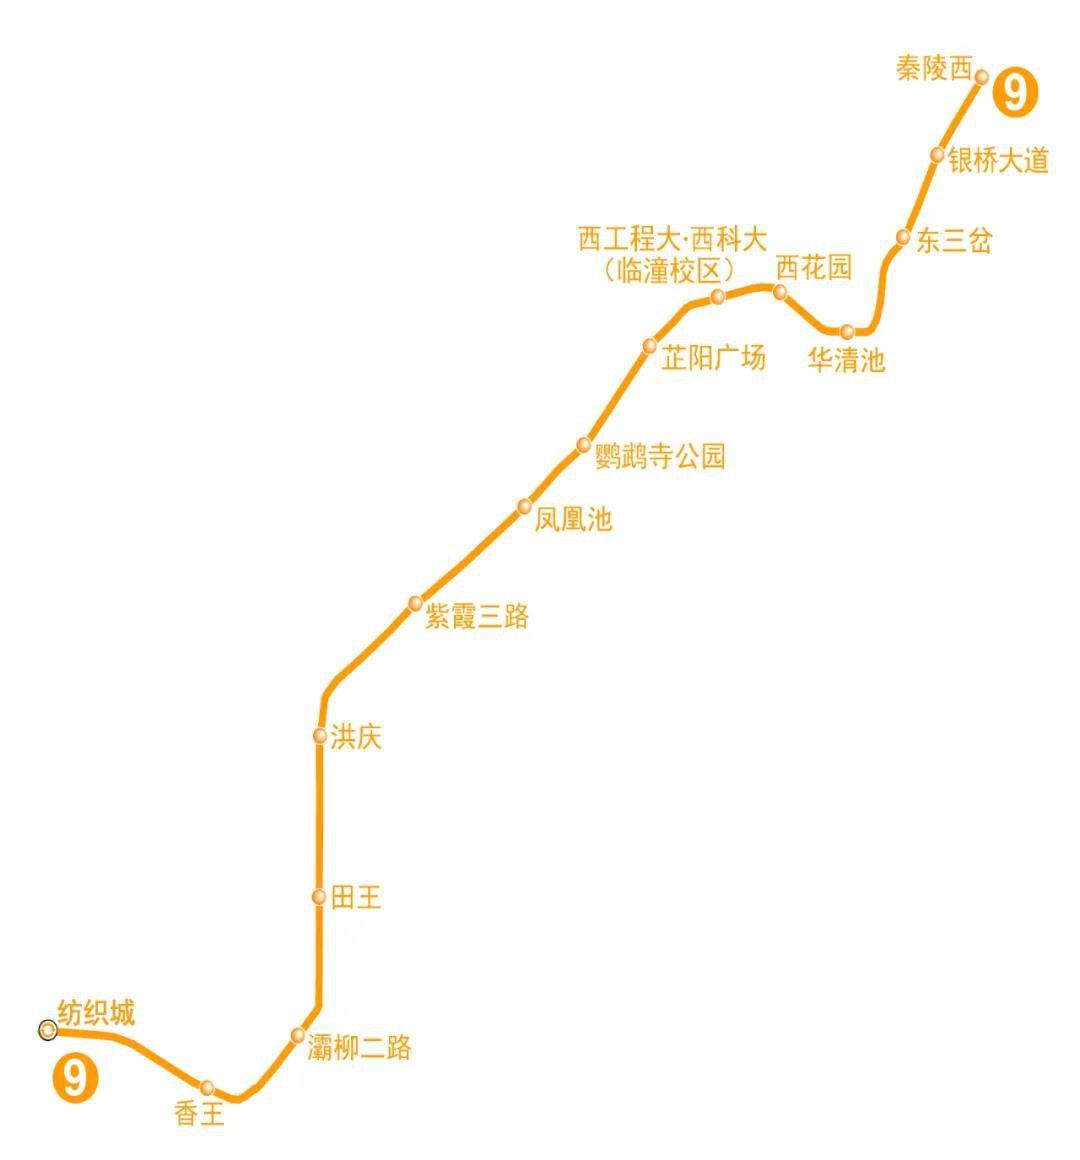 西安地鐵9號線將于12月28日上午9點30開通運營